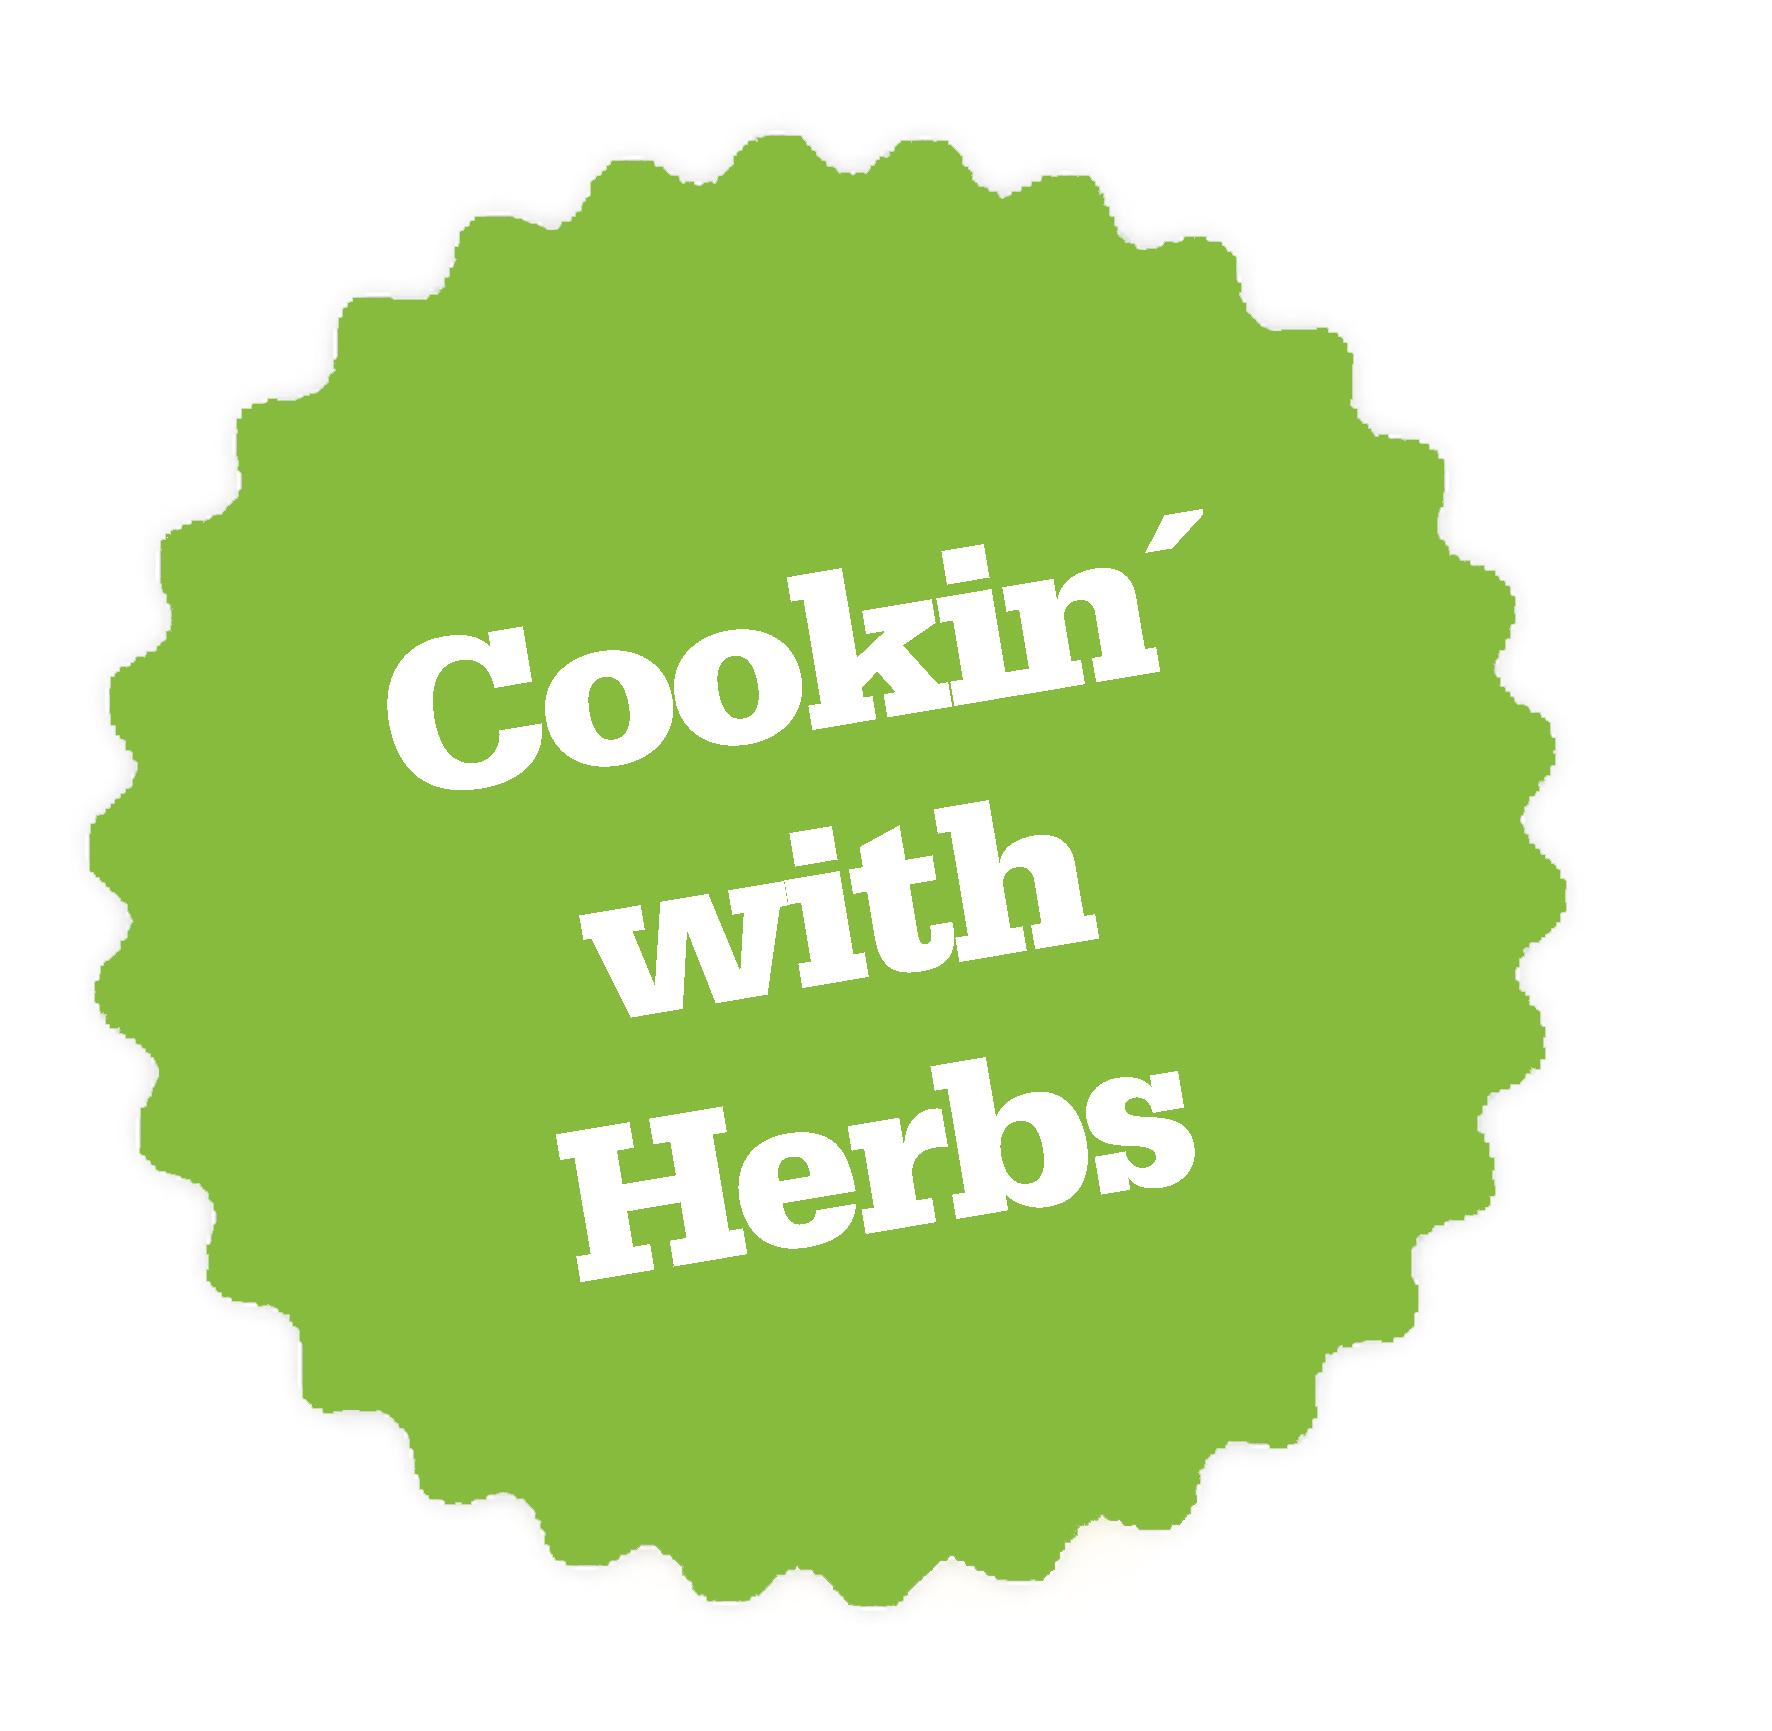 GFG Star_Cookin with Herbs_gruen